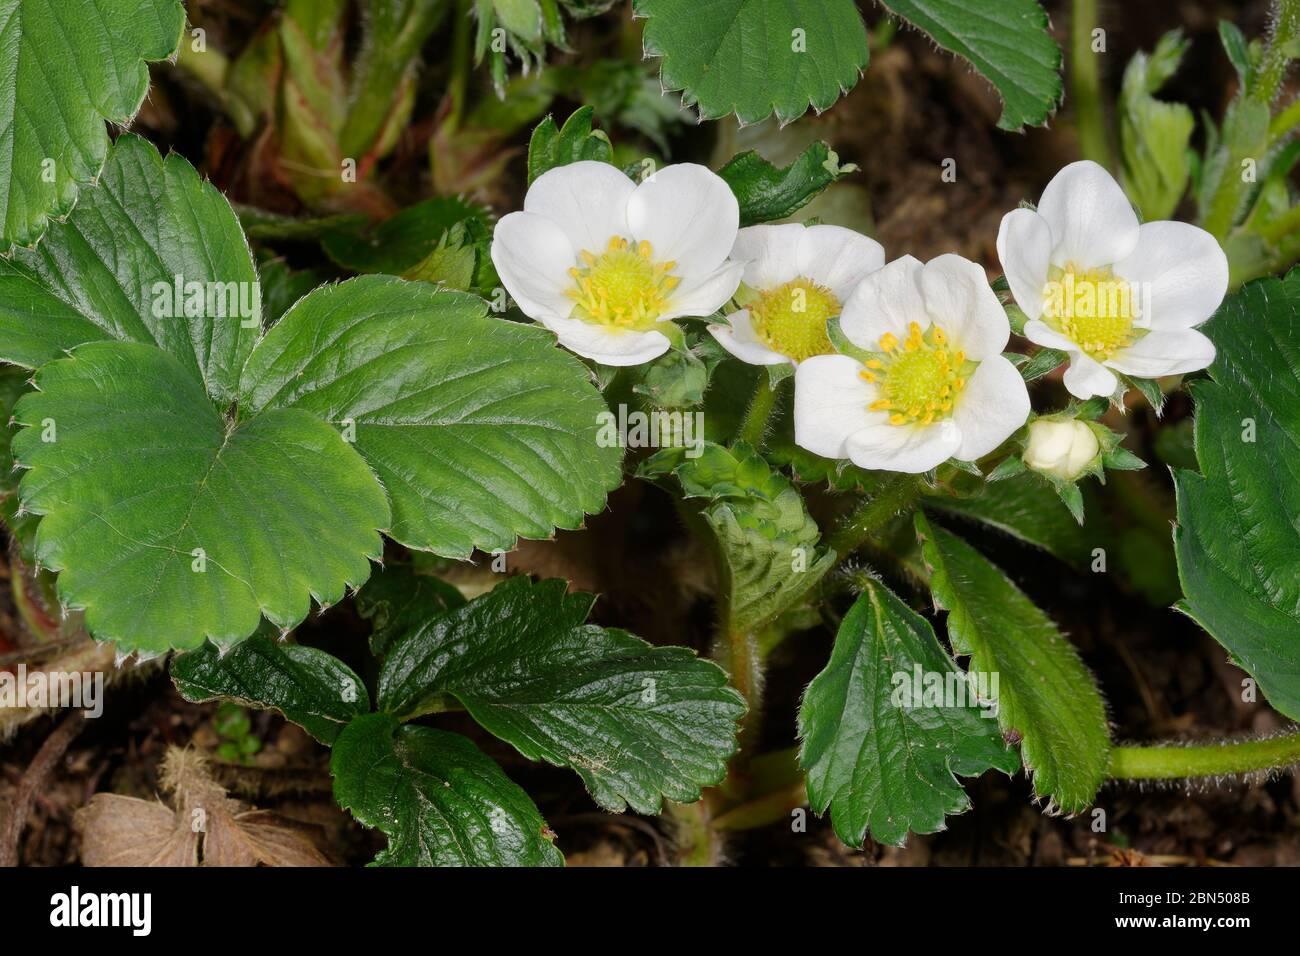 Garten Erdbeere - Fragaria X ananassa Blumen und Blätter Stockfoto